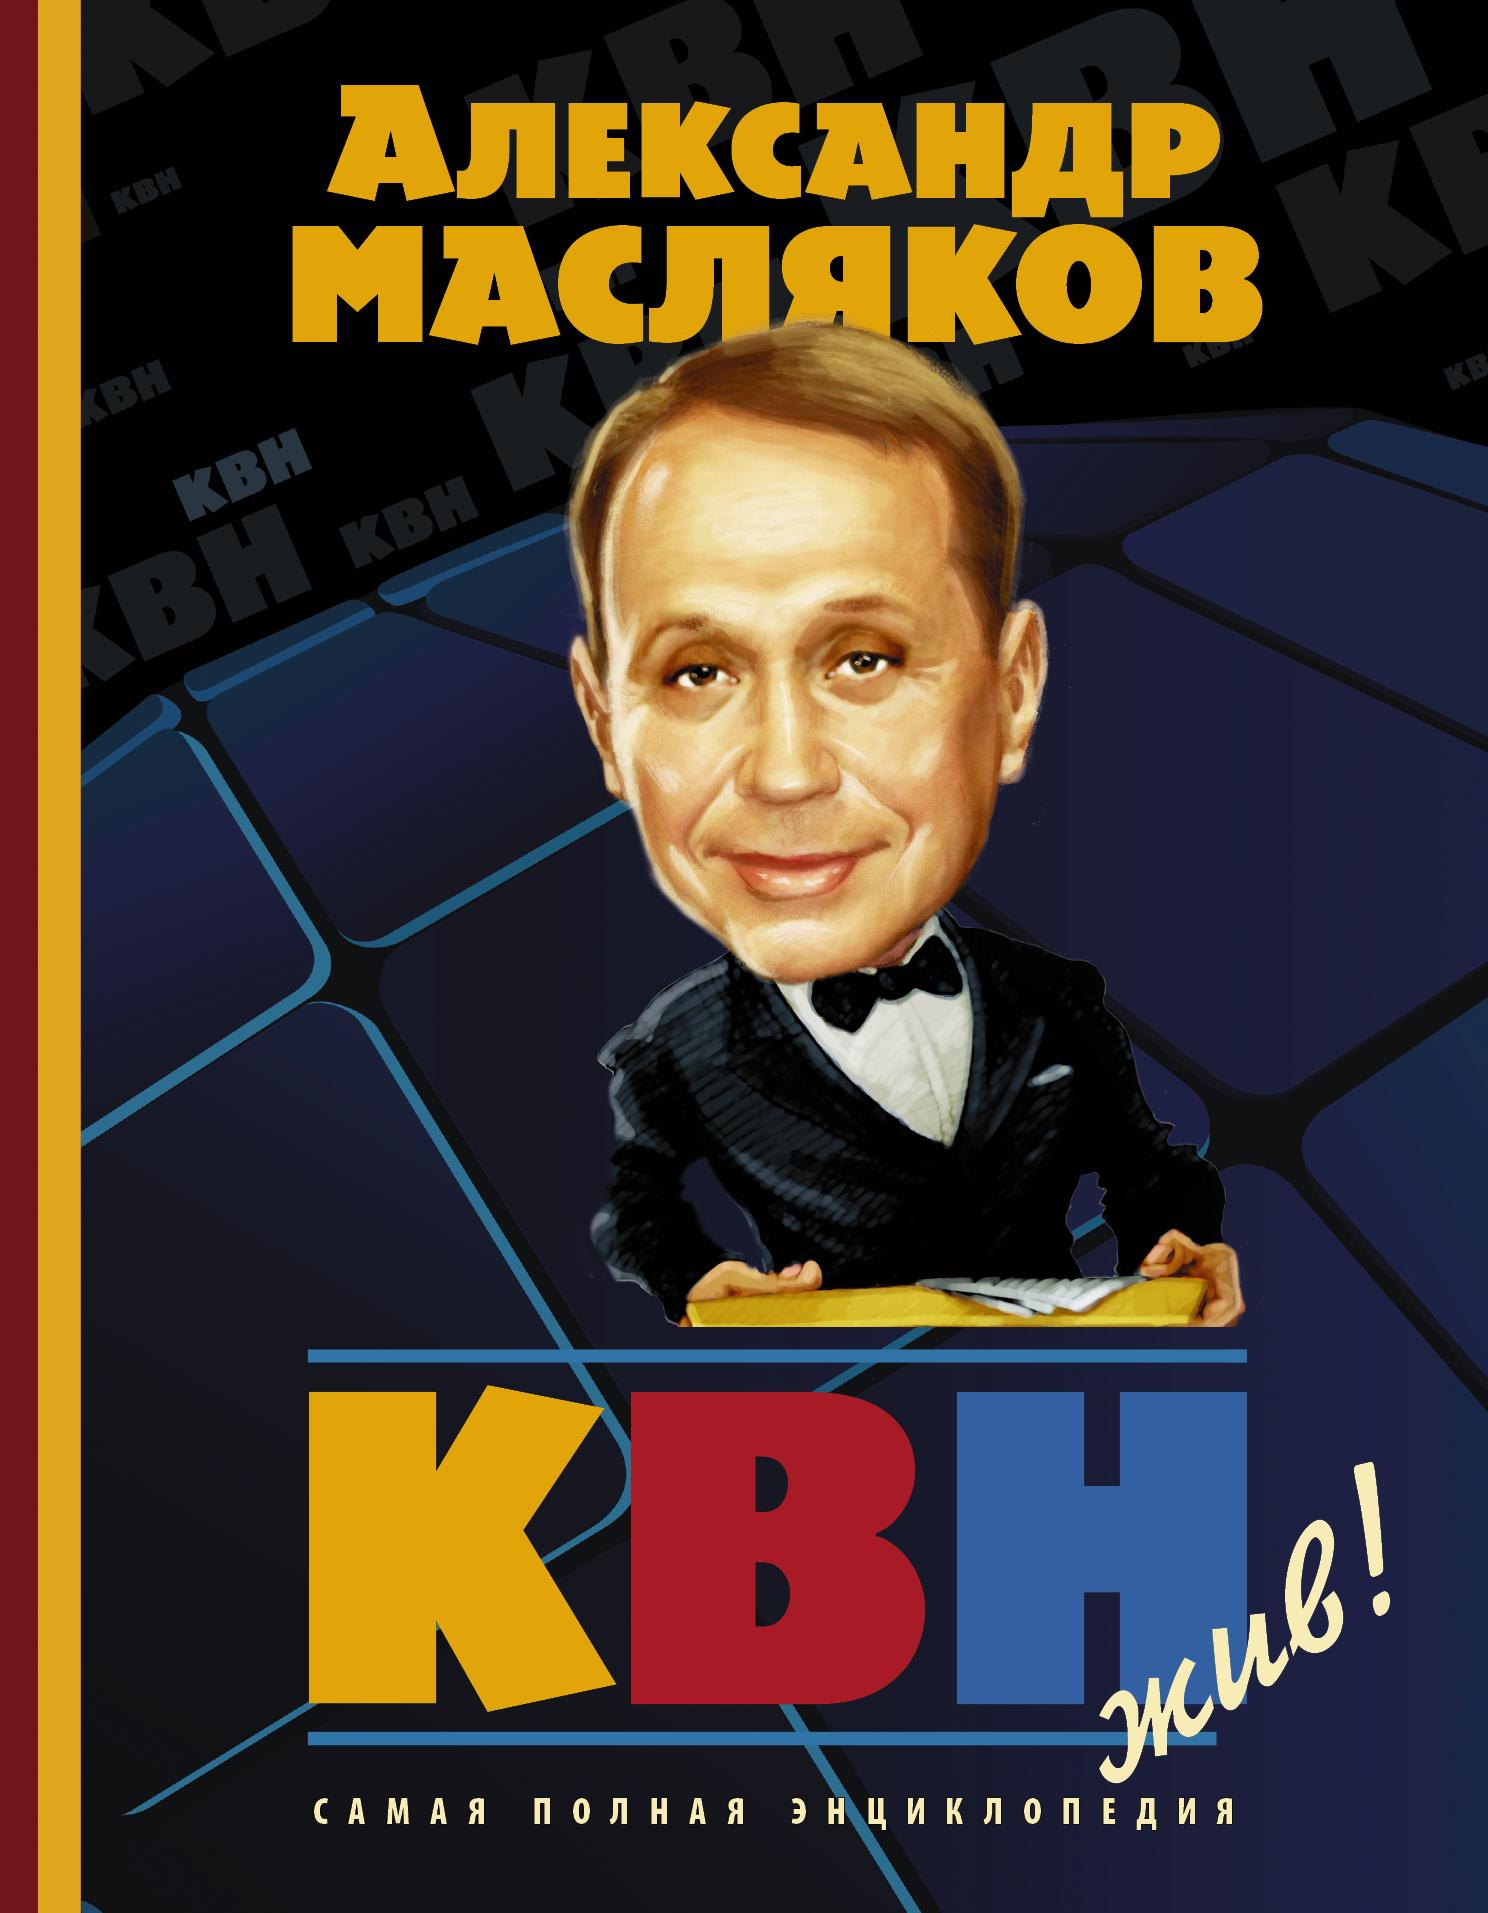 Поздравления с днем рождения маслякову фото 391